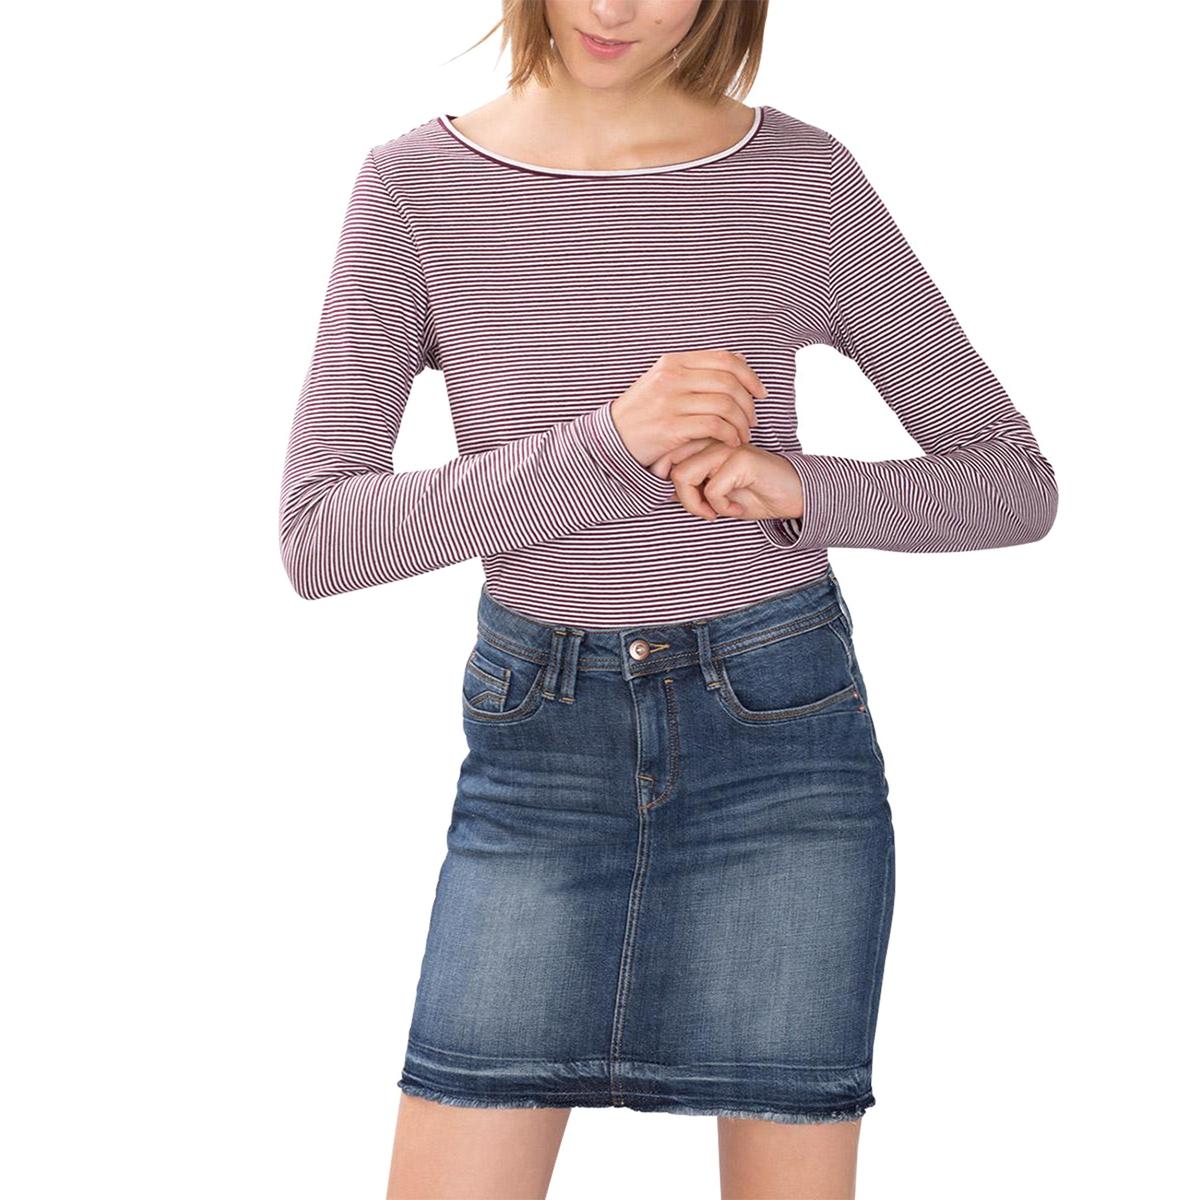 Футболка двусторонняя в полоскуДвусторонняя футболка в полоску из джерси, плотный и комфортный 100% хлопок. Тонкая полоска с одной стороны, более широкая полоска с другой стороны. Длинные рукава. Свободный круглый вырез. Боковые разрезы внизу.  Состав и описаниеМатериал : 100% хлопокМарка : ESPRITУходСледуйте рекомендациям по уходу, указанным на этикетке изделия<br><br>Цвет: вишневая полоска